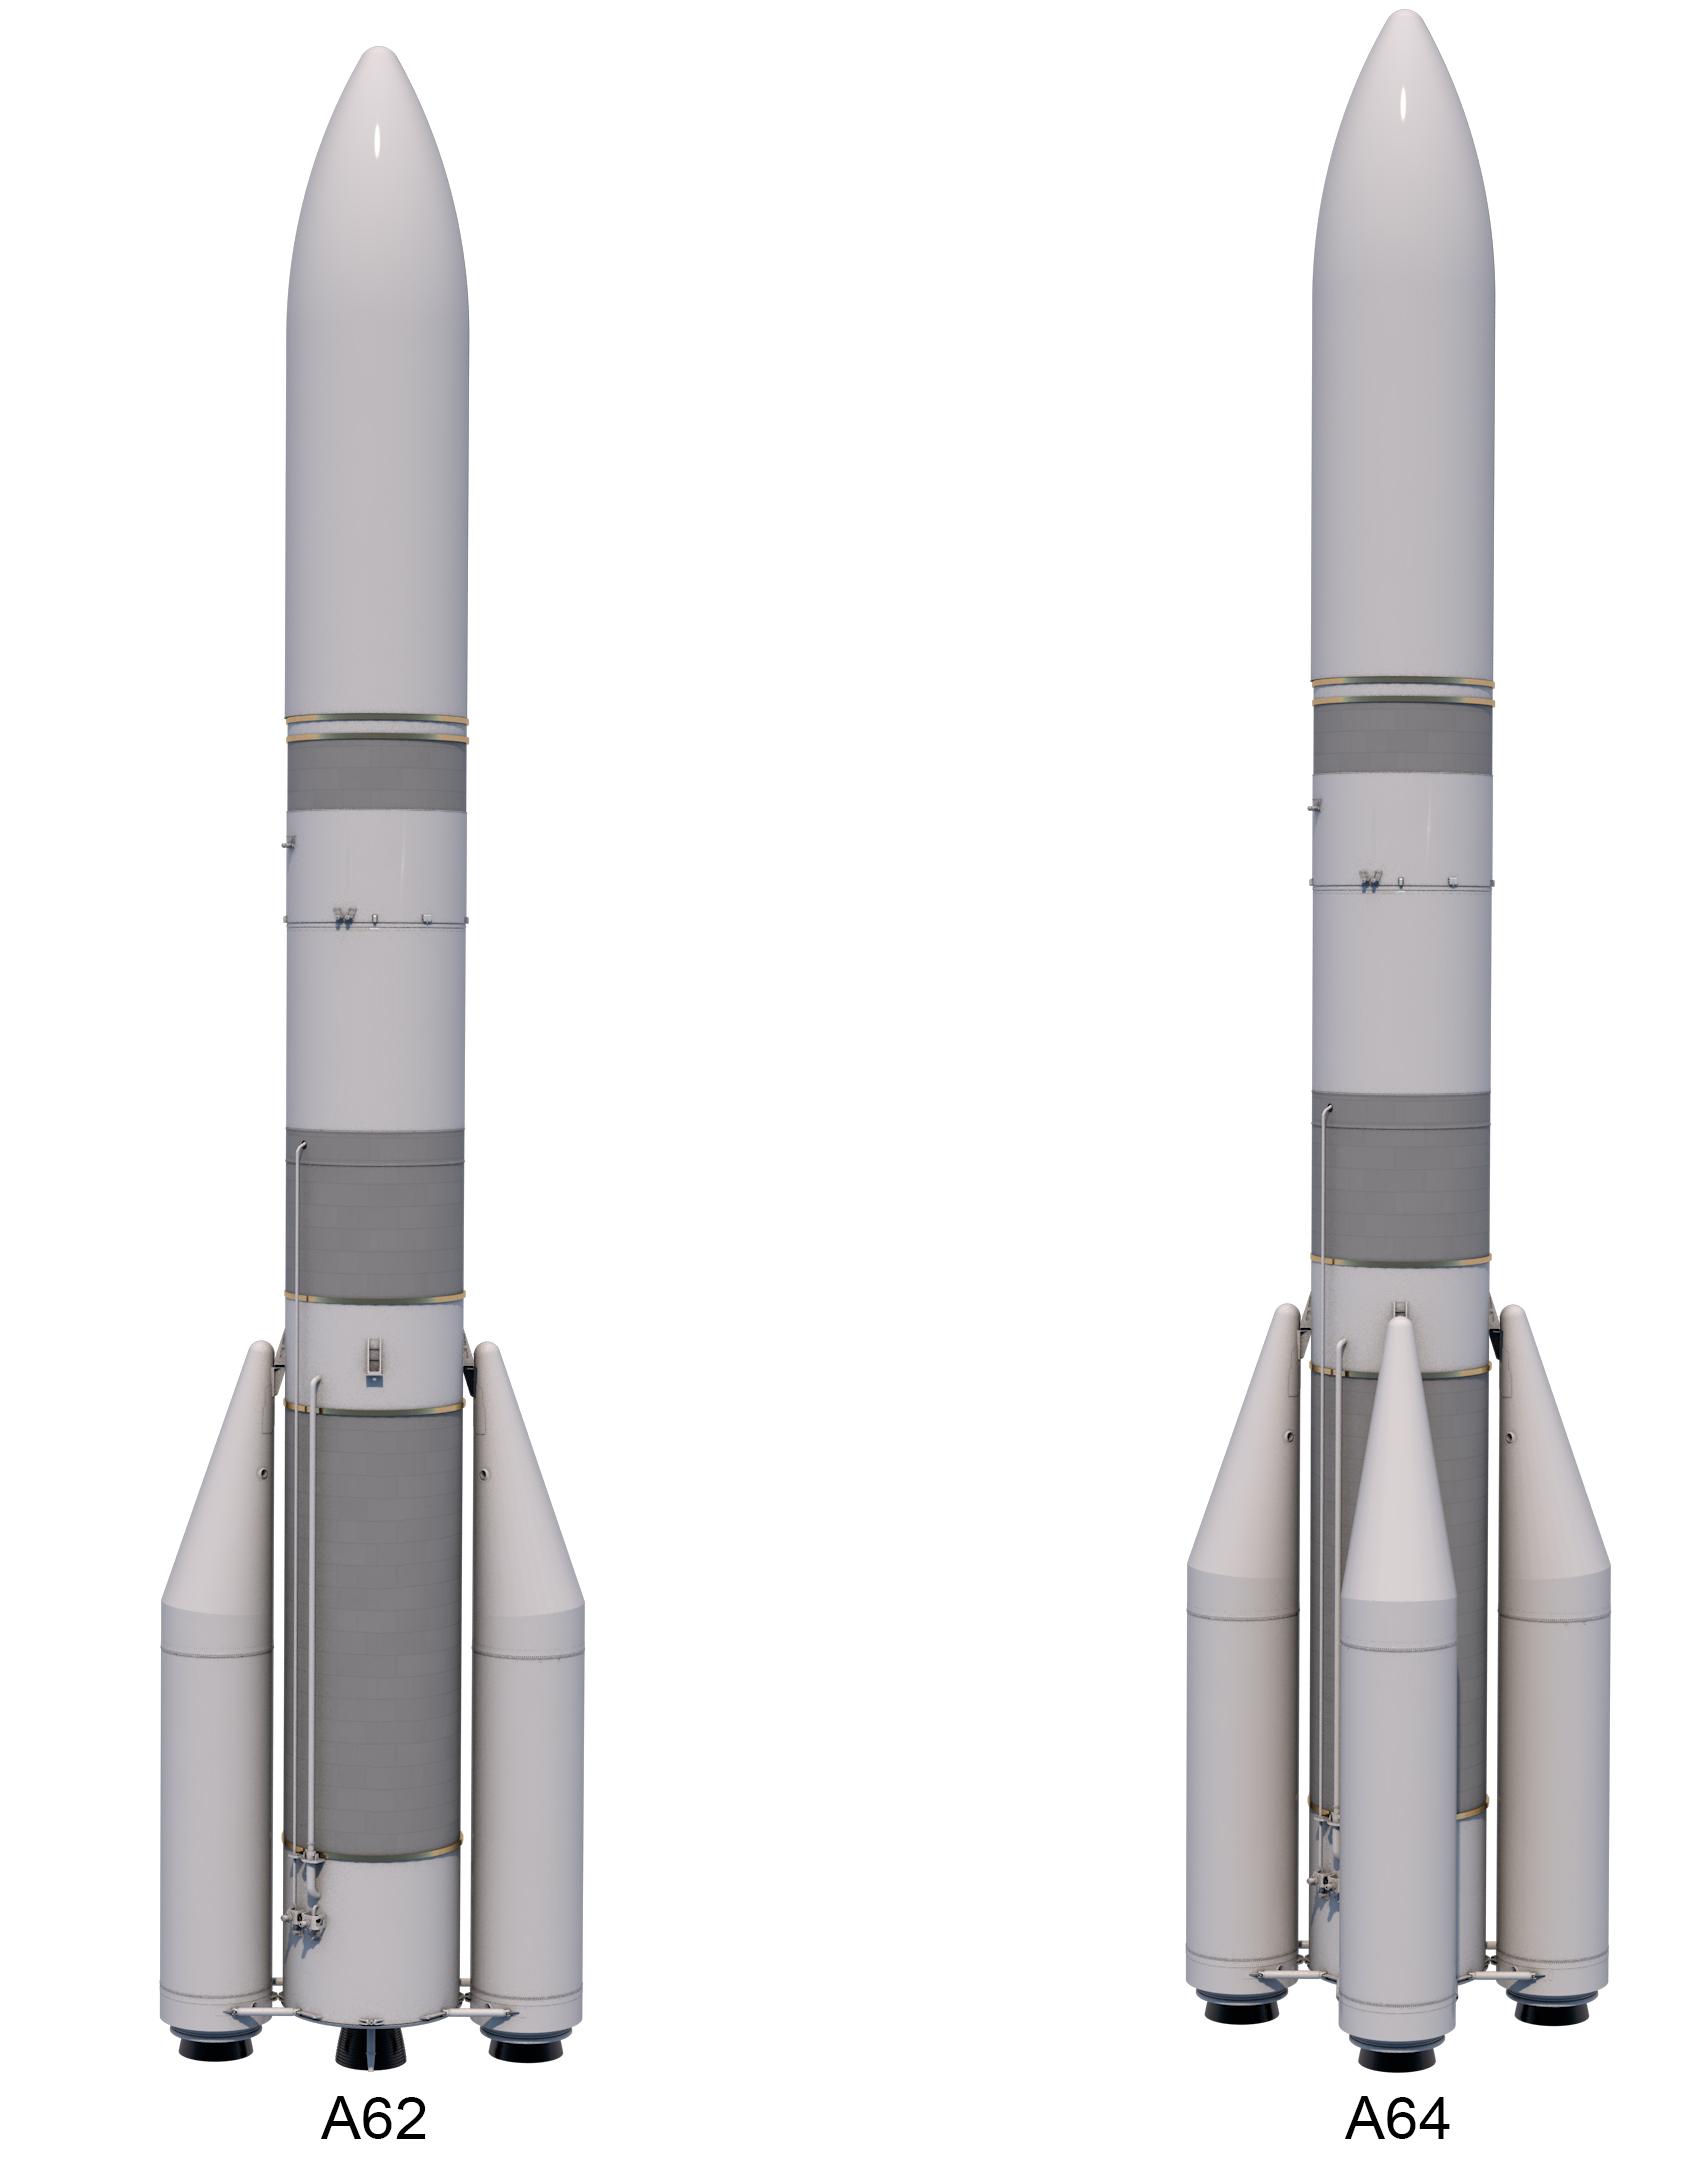 Ariane 6 (Arianespace)